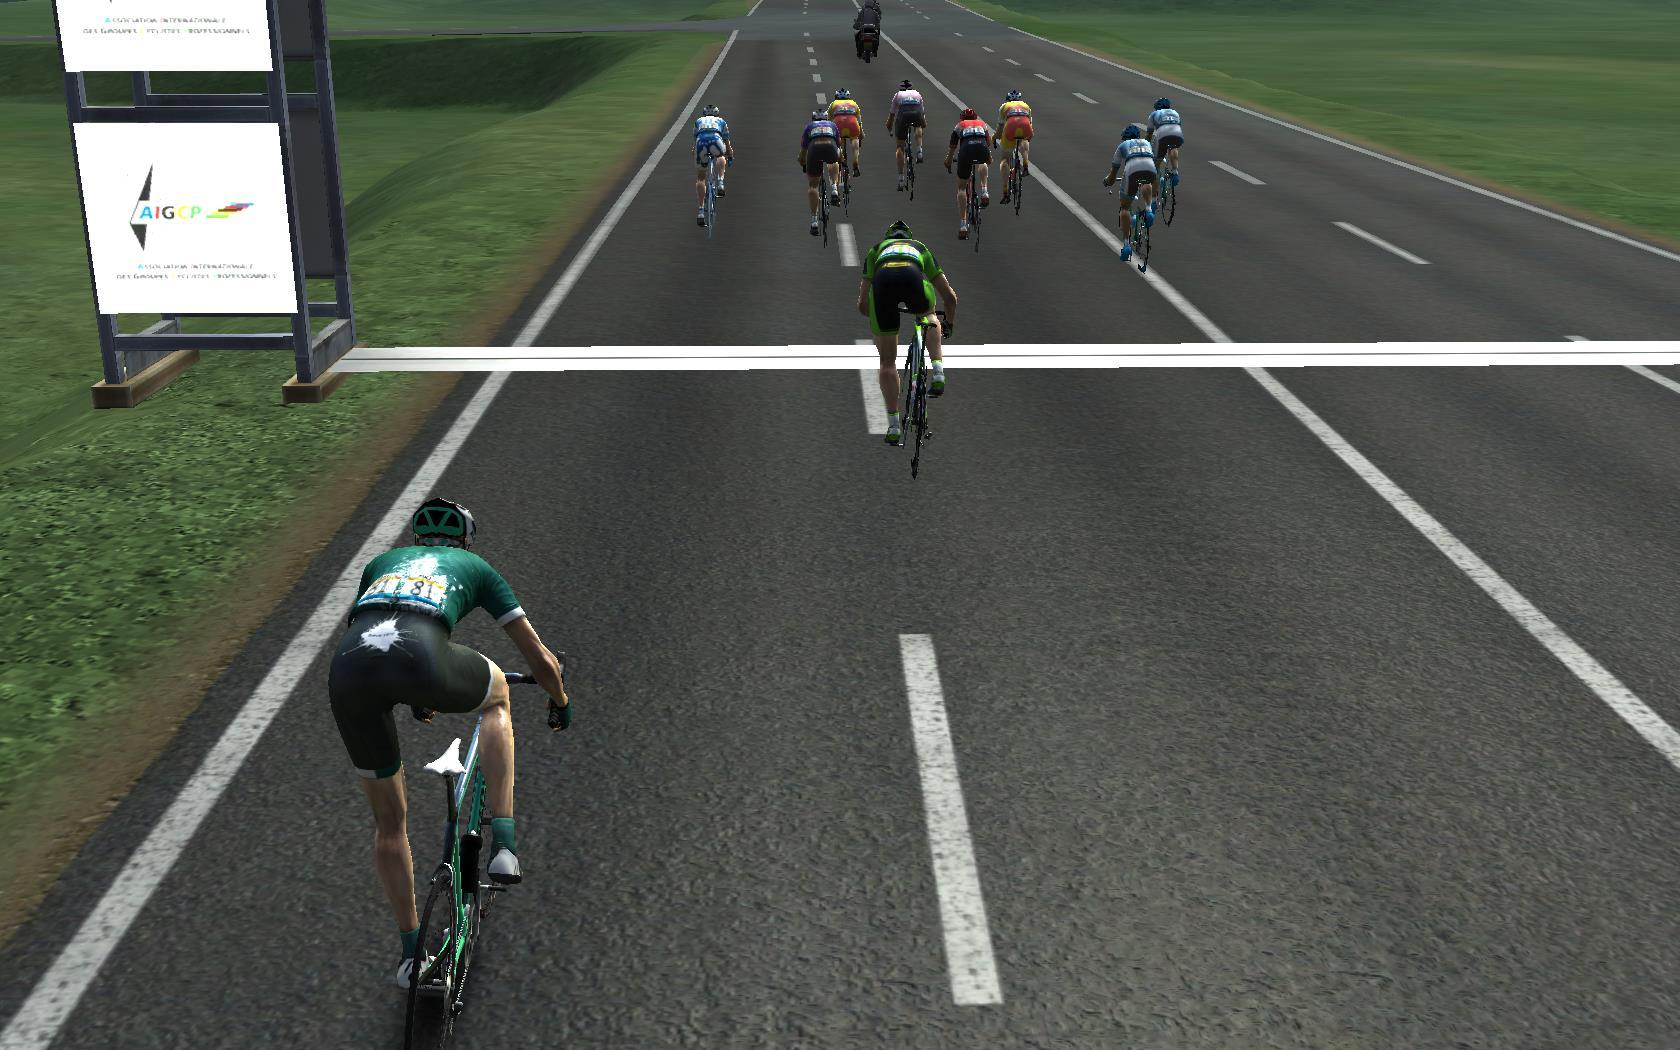 pcmdaily.com/images/mg/2018/Races/C2HC/ParisTours/PCM0024.jpg